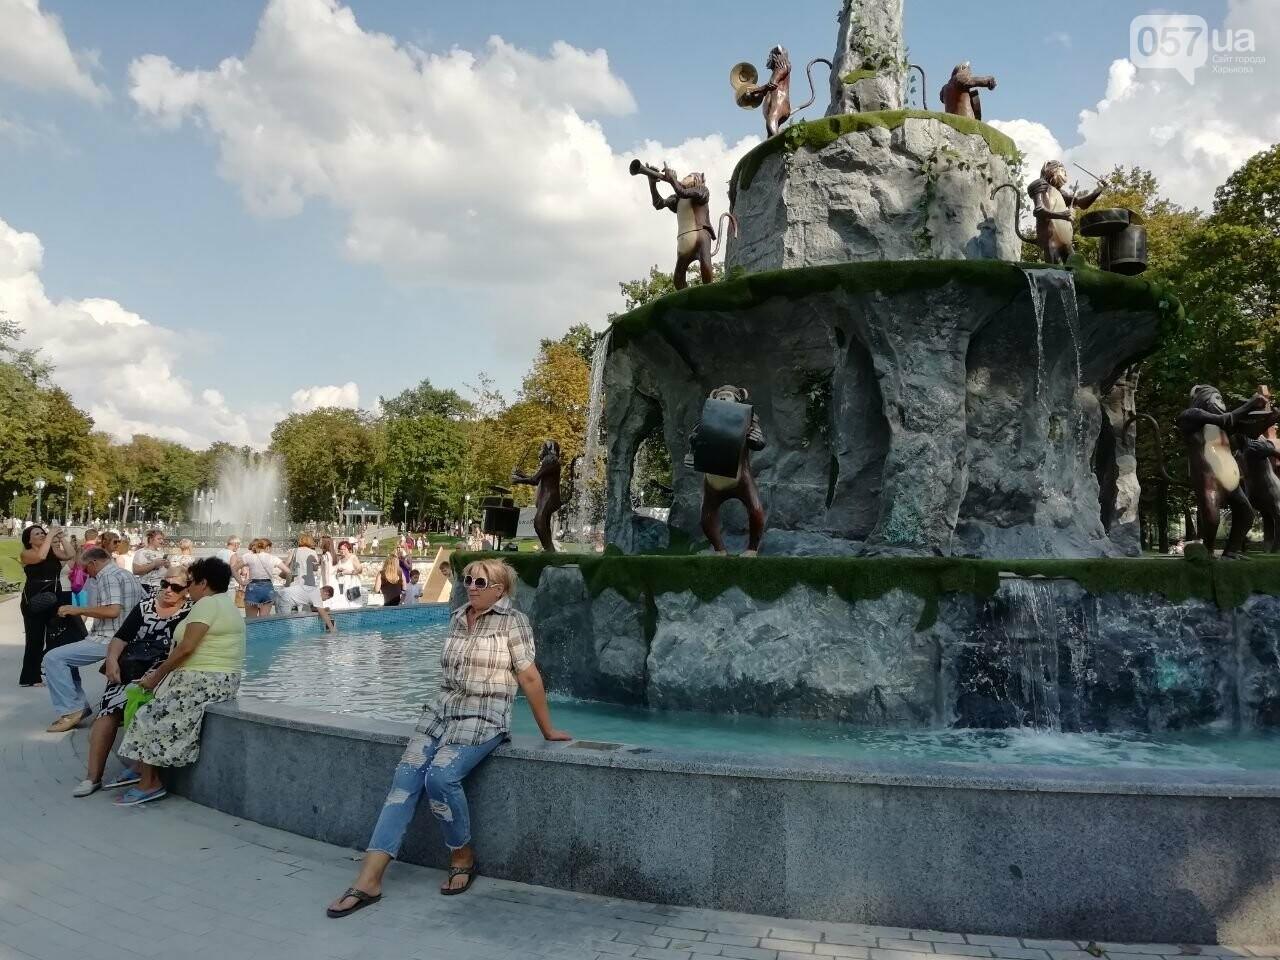 В центре Харькова появился новый фонтан и «Каскад» после реконструкции, - ФОТО, фото-2